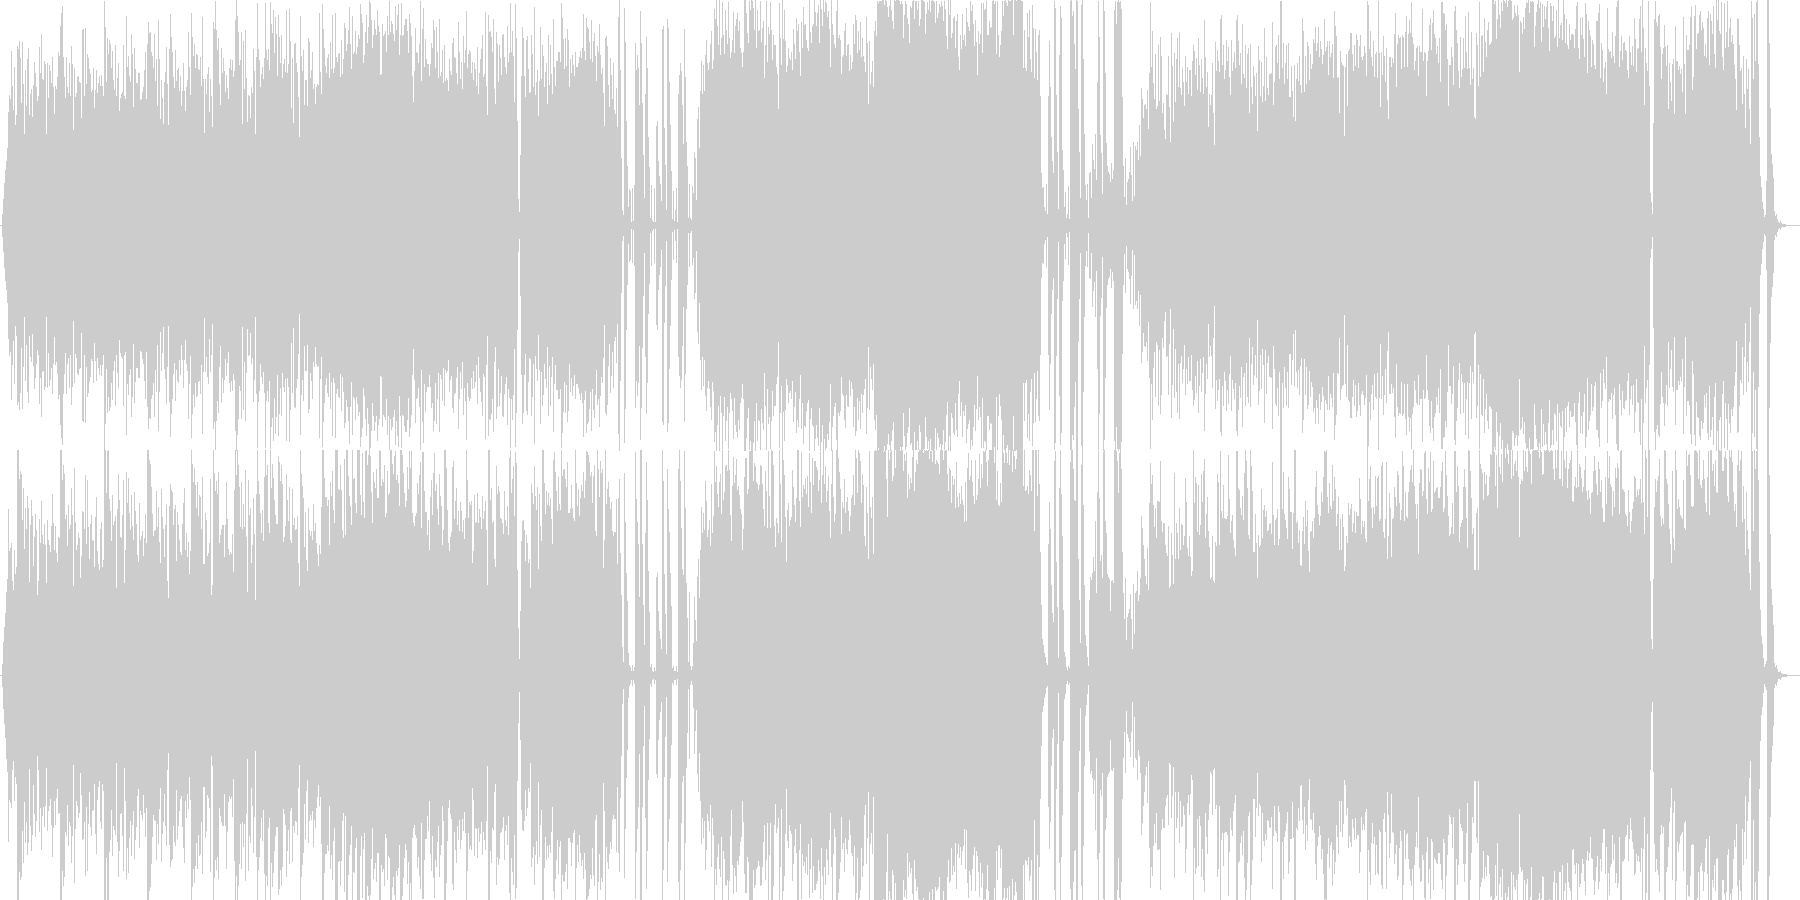 エキゾチックなヴァイオリン曲の未再生の波形